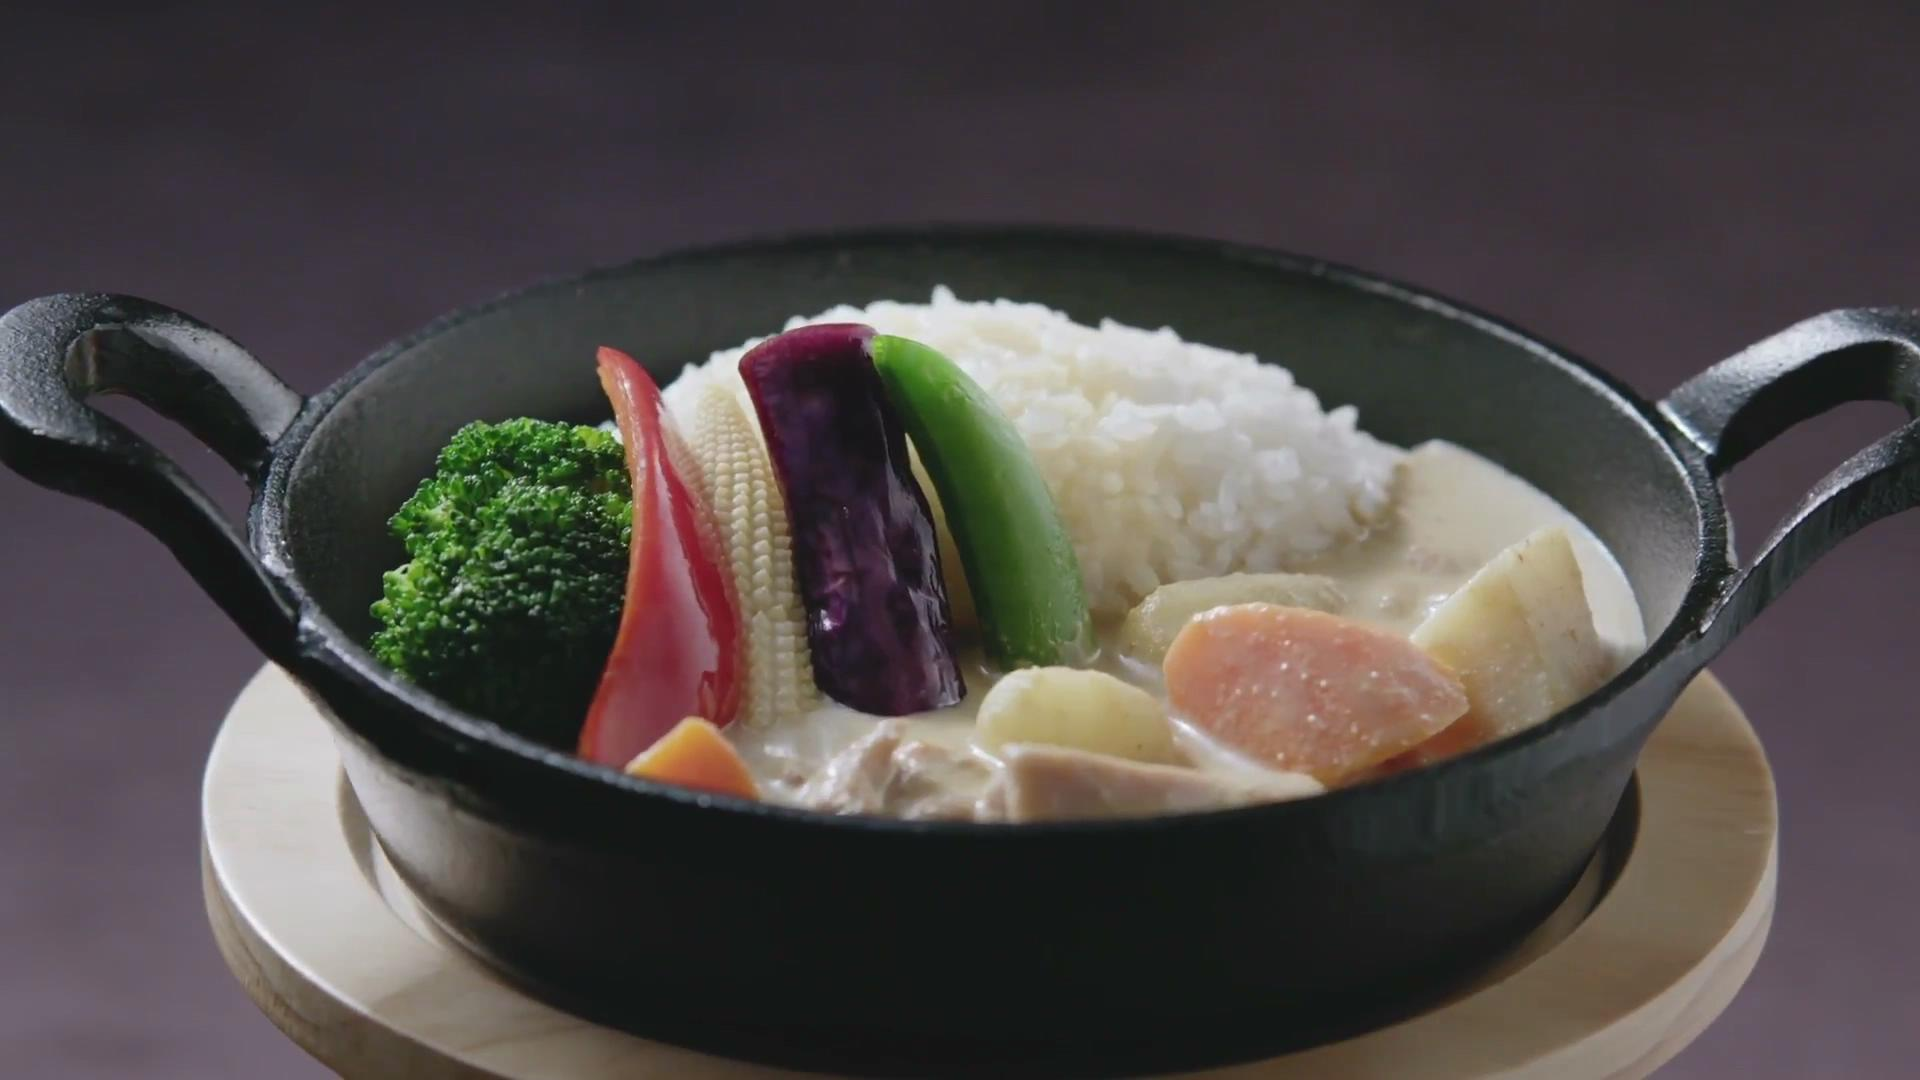 中式料理烹饪视频素材